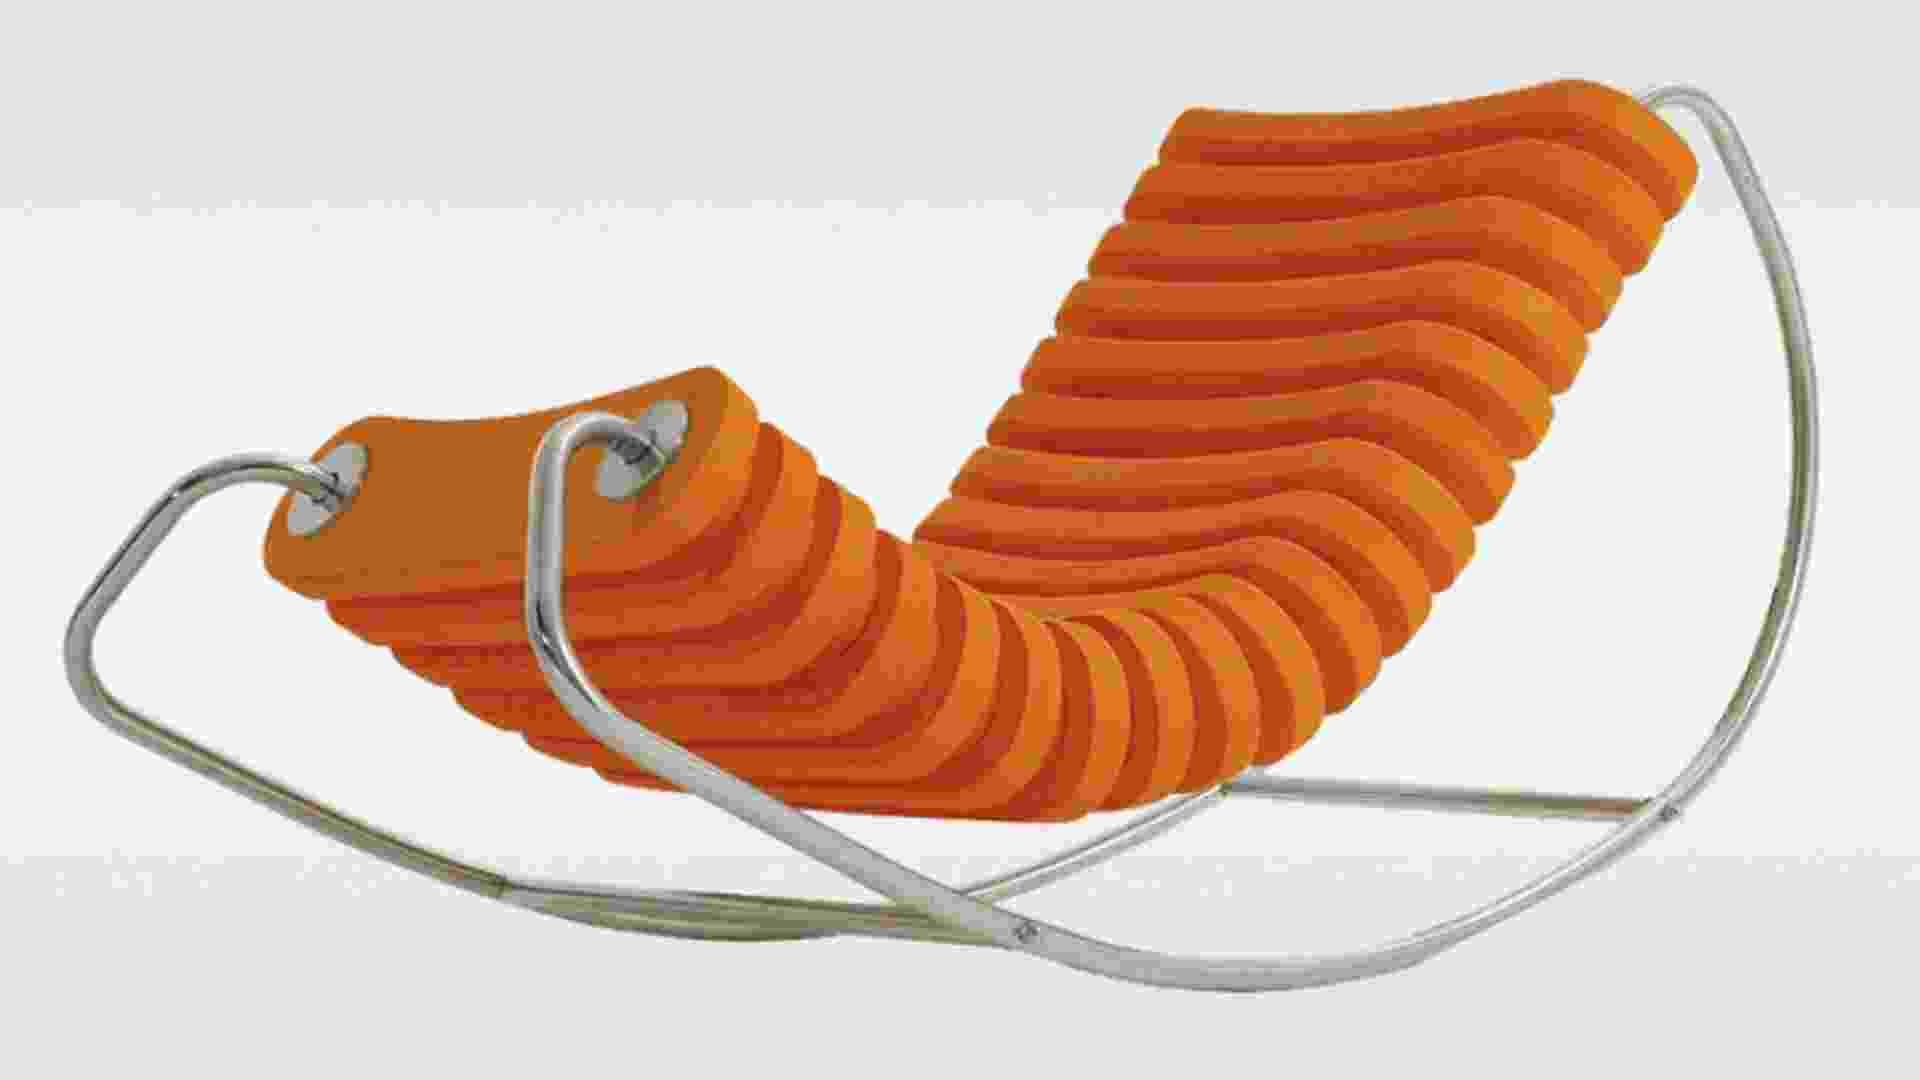 Cadeiras estilosas, ombrelones, guarda-sóis, bóias, almofadas... veja as sugestões para renovar a área da piscina, como esta esteira. A cadeira de balanço também pode ser usada dentro da piscina, já que a armação de aço inox polido e anéis leves permite a flutuação. Da Obravip (www.obravip.com.br), o produto sai por R$ 1.817,10   Preços consultados em dezembro de 2012 e sujeitos a alterações - Divulgação